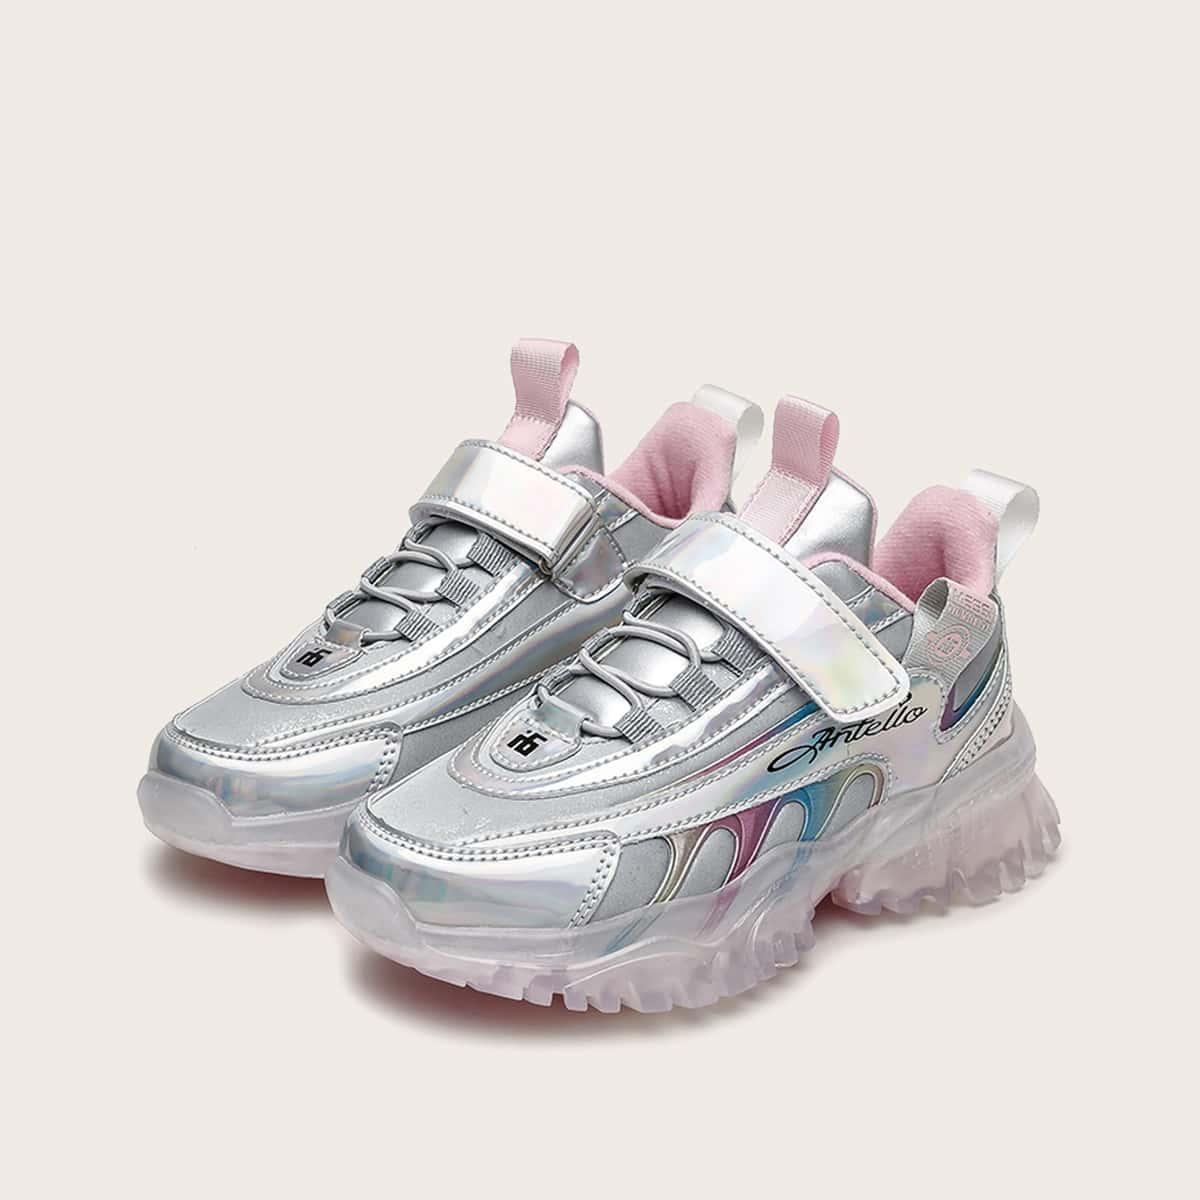 Кроссовки на платформе и плюшевой подкладке для девочек